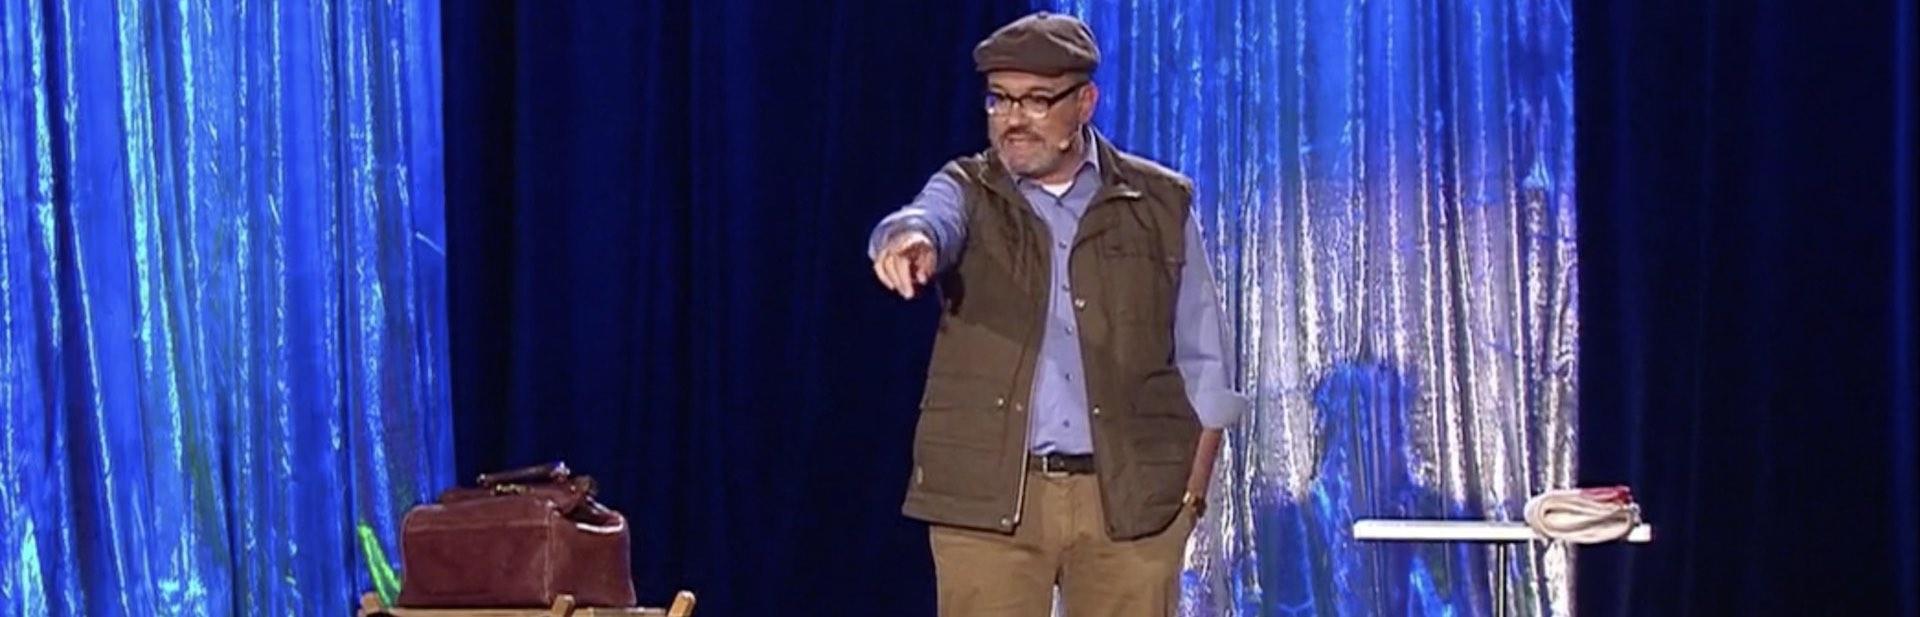 Rudi Lauer Zauberer auf der Bühne mit blauem Hintergrund SWR